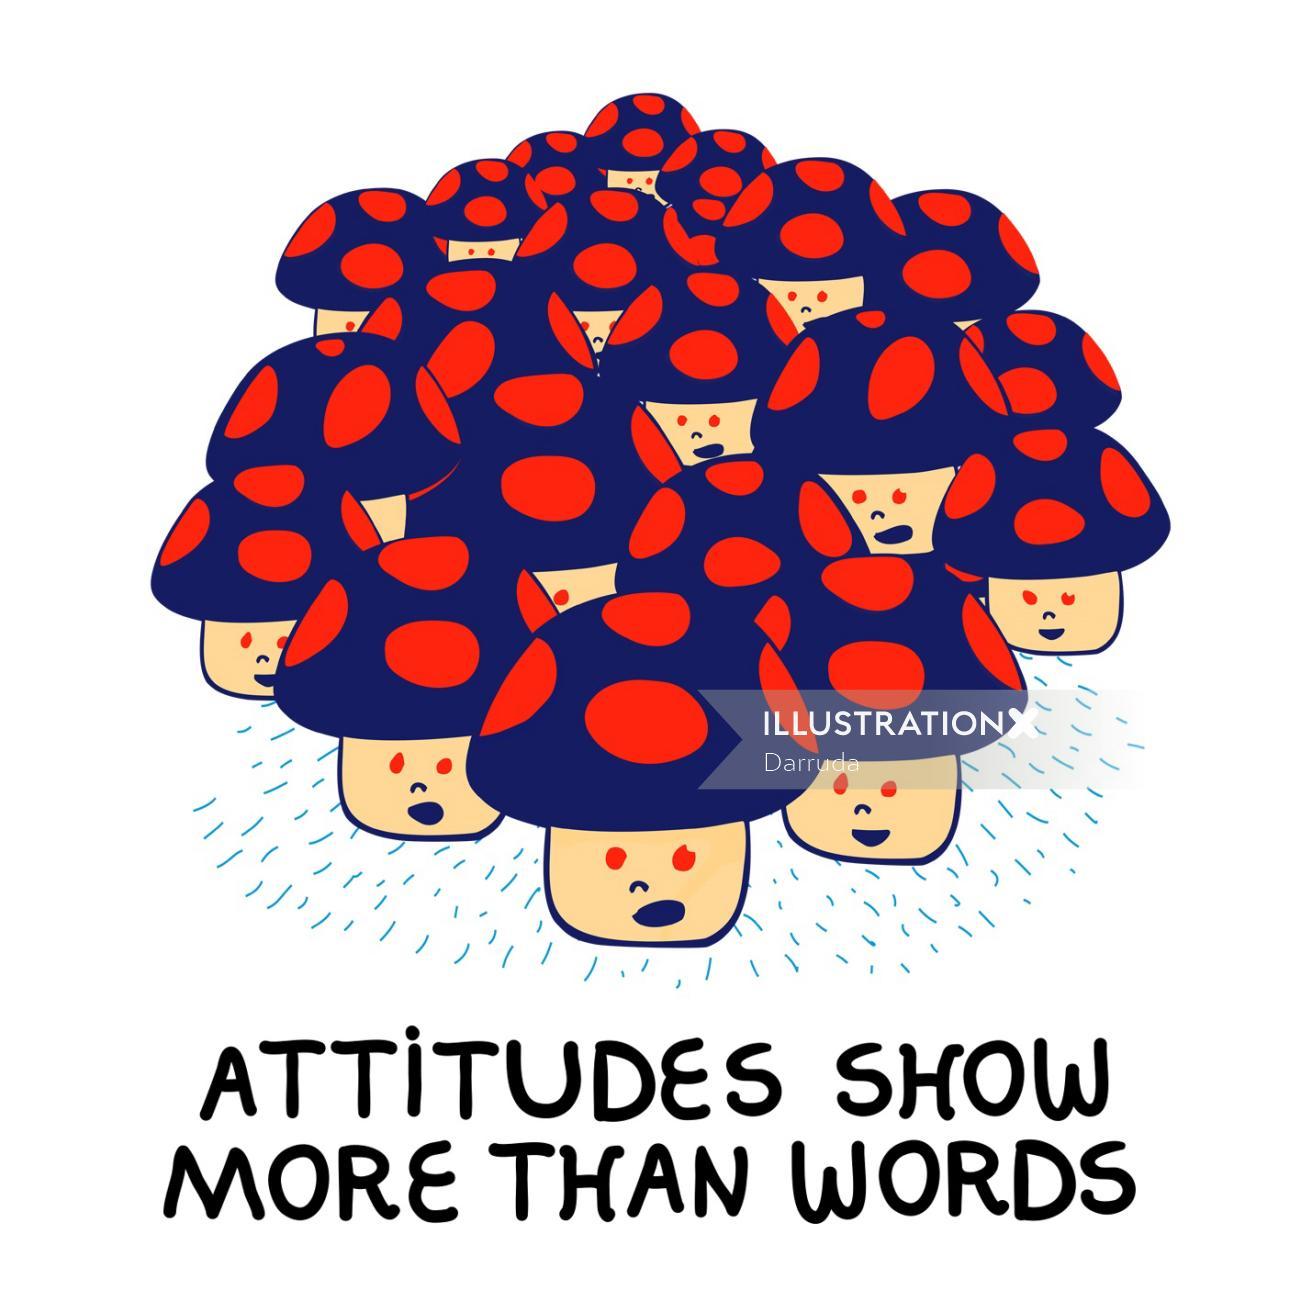 Attitude show more than words conceptual design